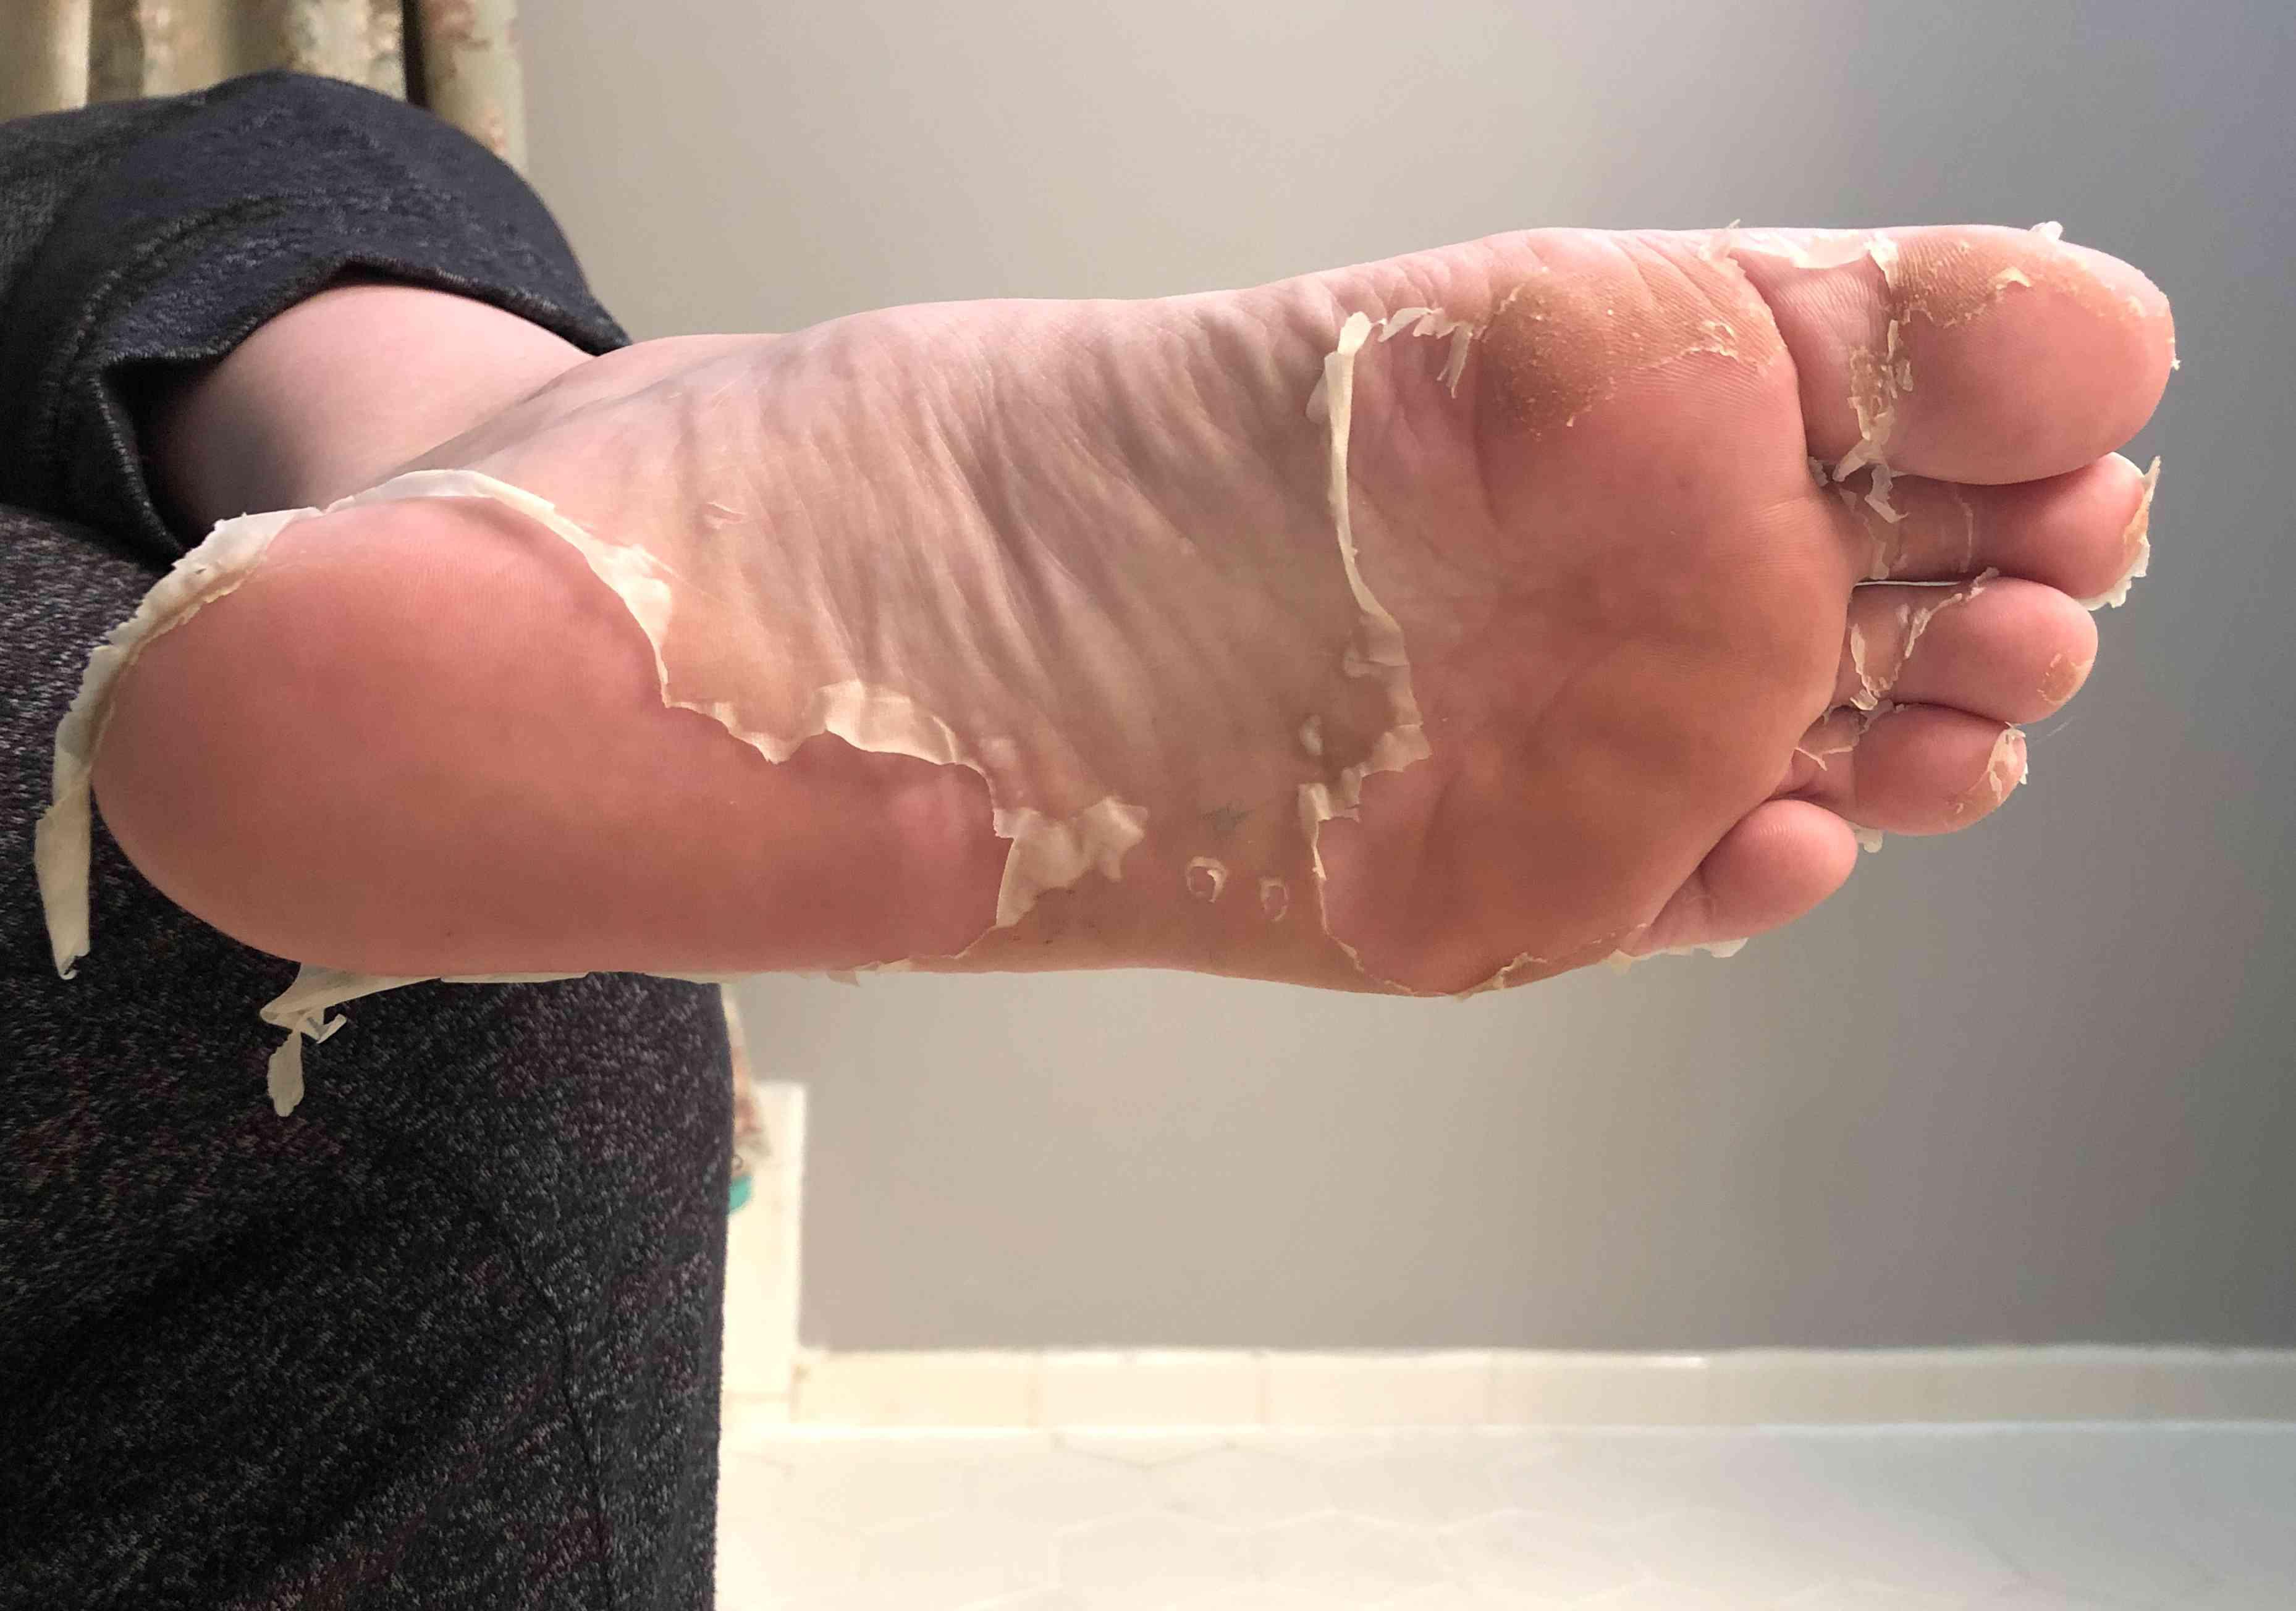 Baby Foot Peeling Skin